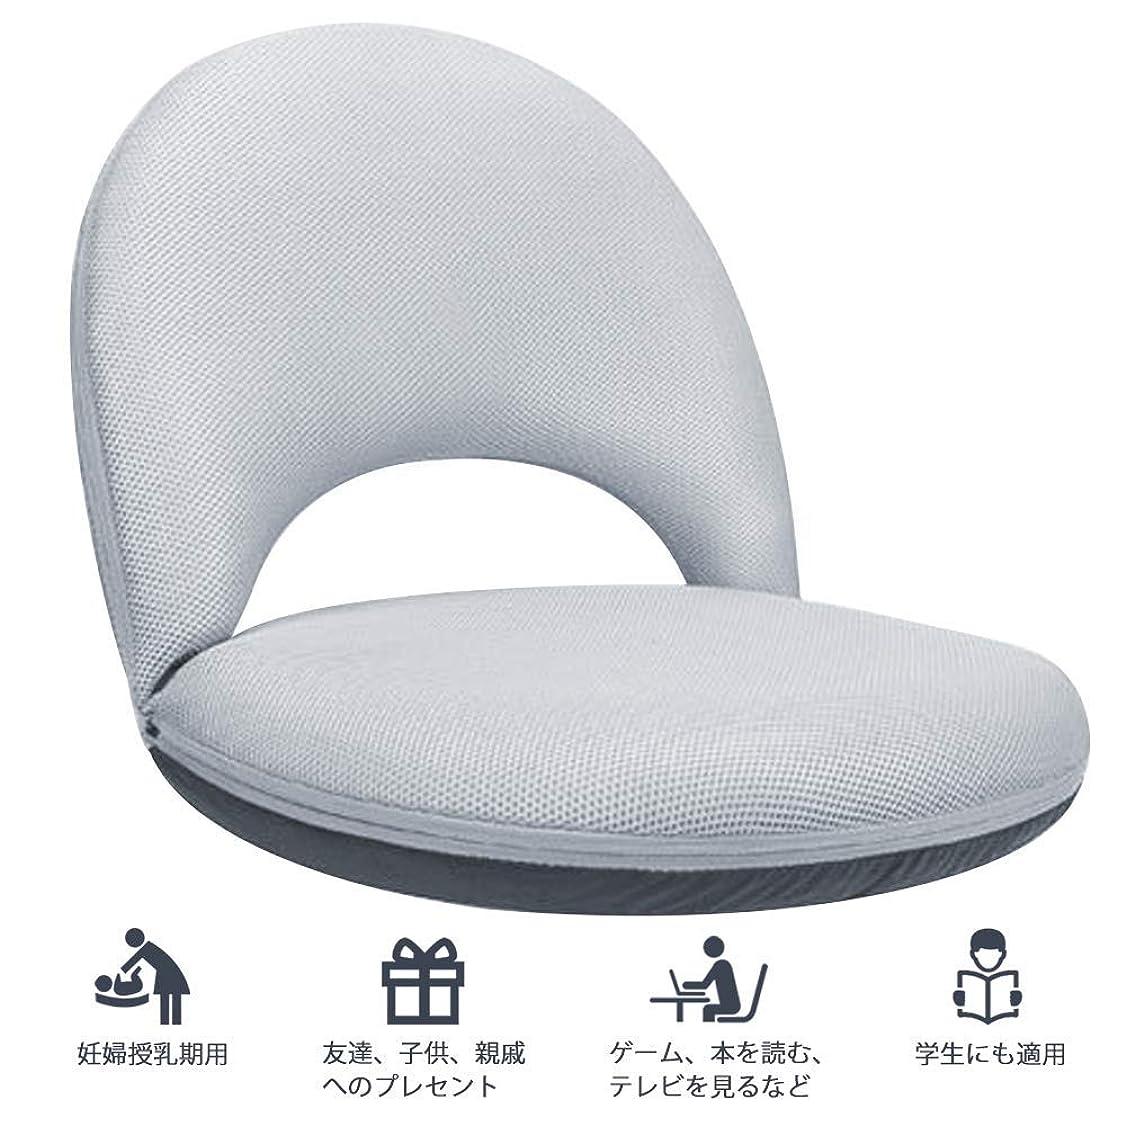 起こる環境ボウル座椅子 5段階リクライニング カバー洗濯可能 軽量 収納簡単 腰痛 授乳期適用 折り畳み椅子 (グレー)